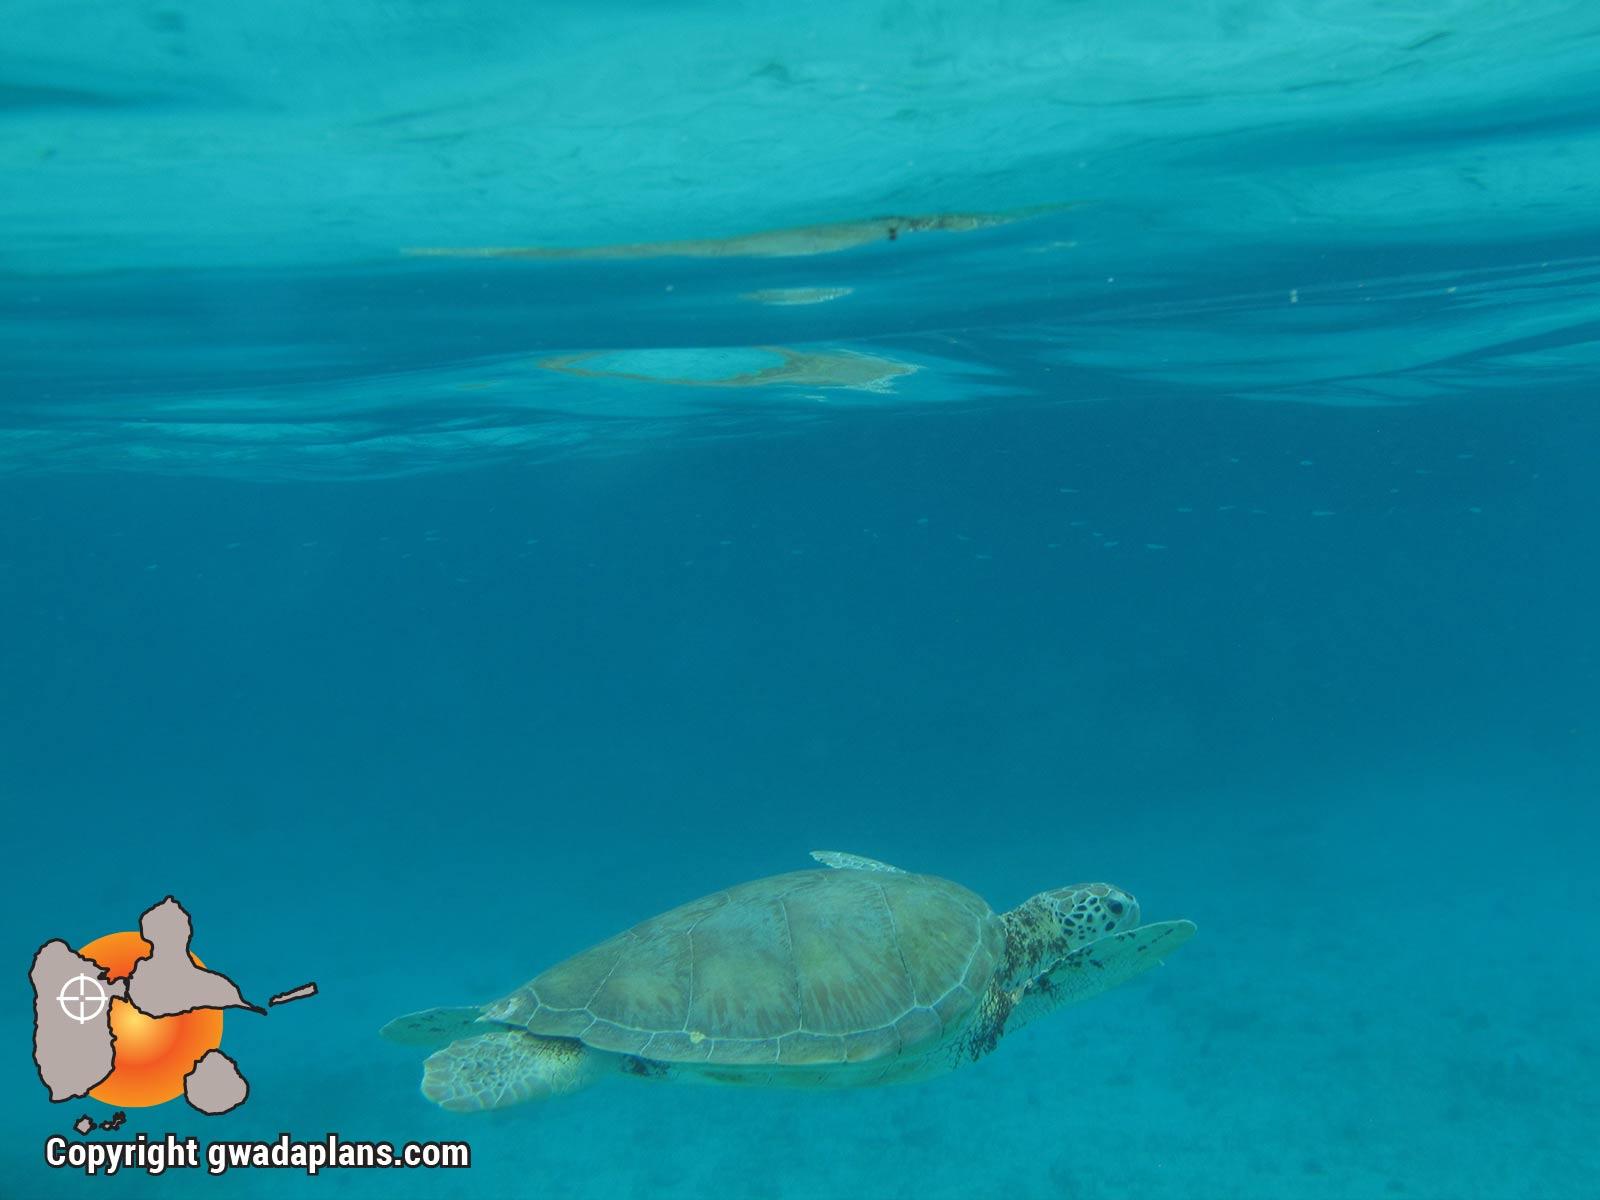 Jeune tortue verte de Petite Terre